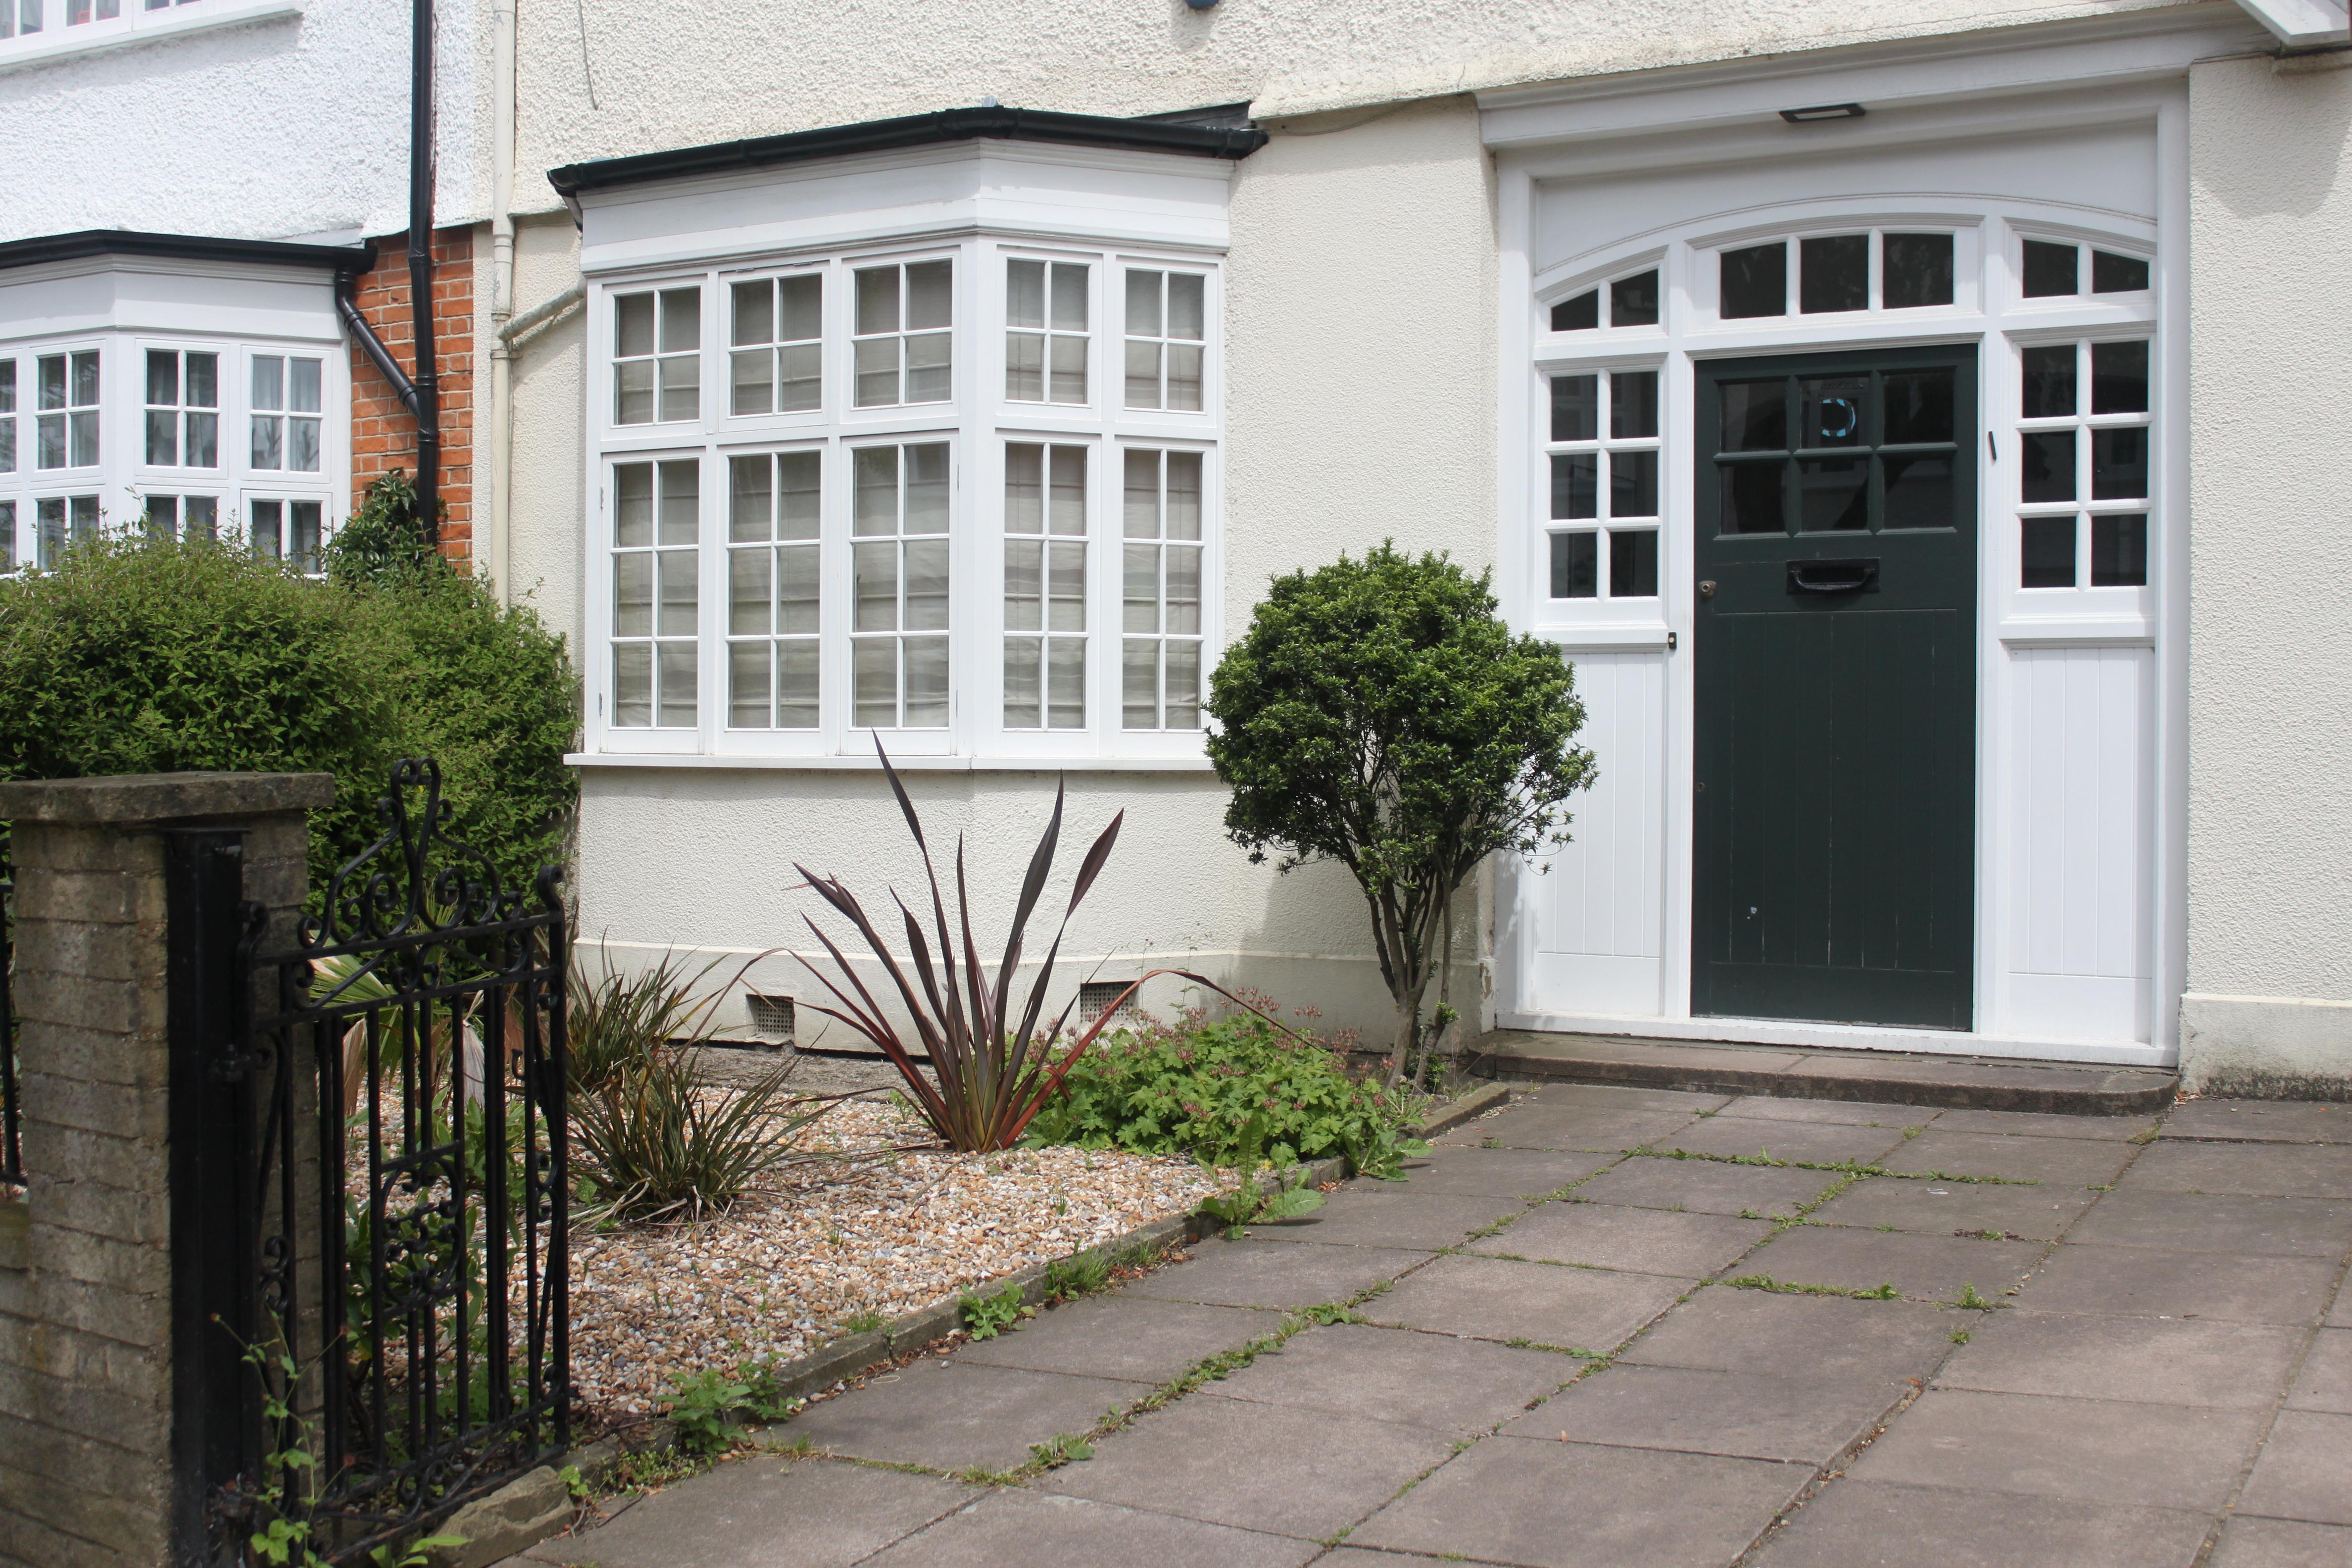 1930 s front doors voysey jones for 1950s front door styles